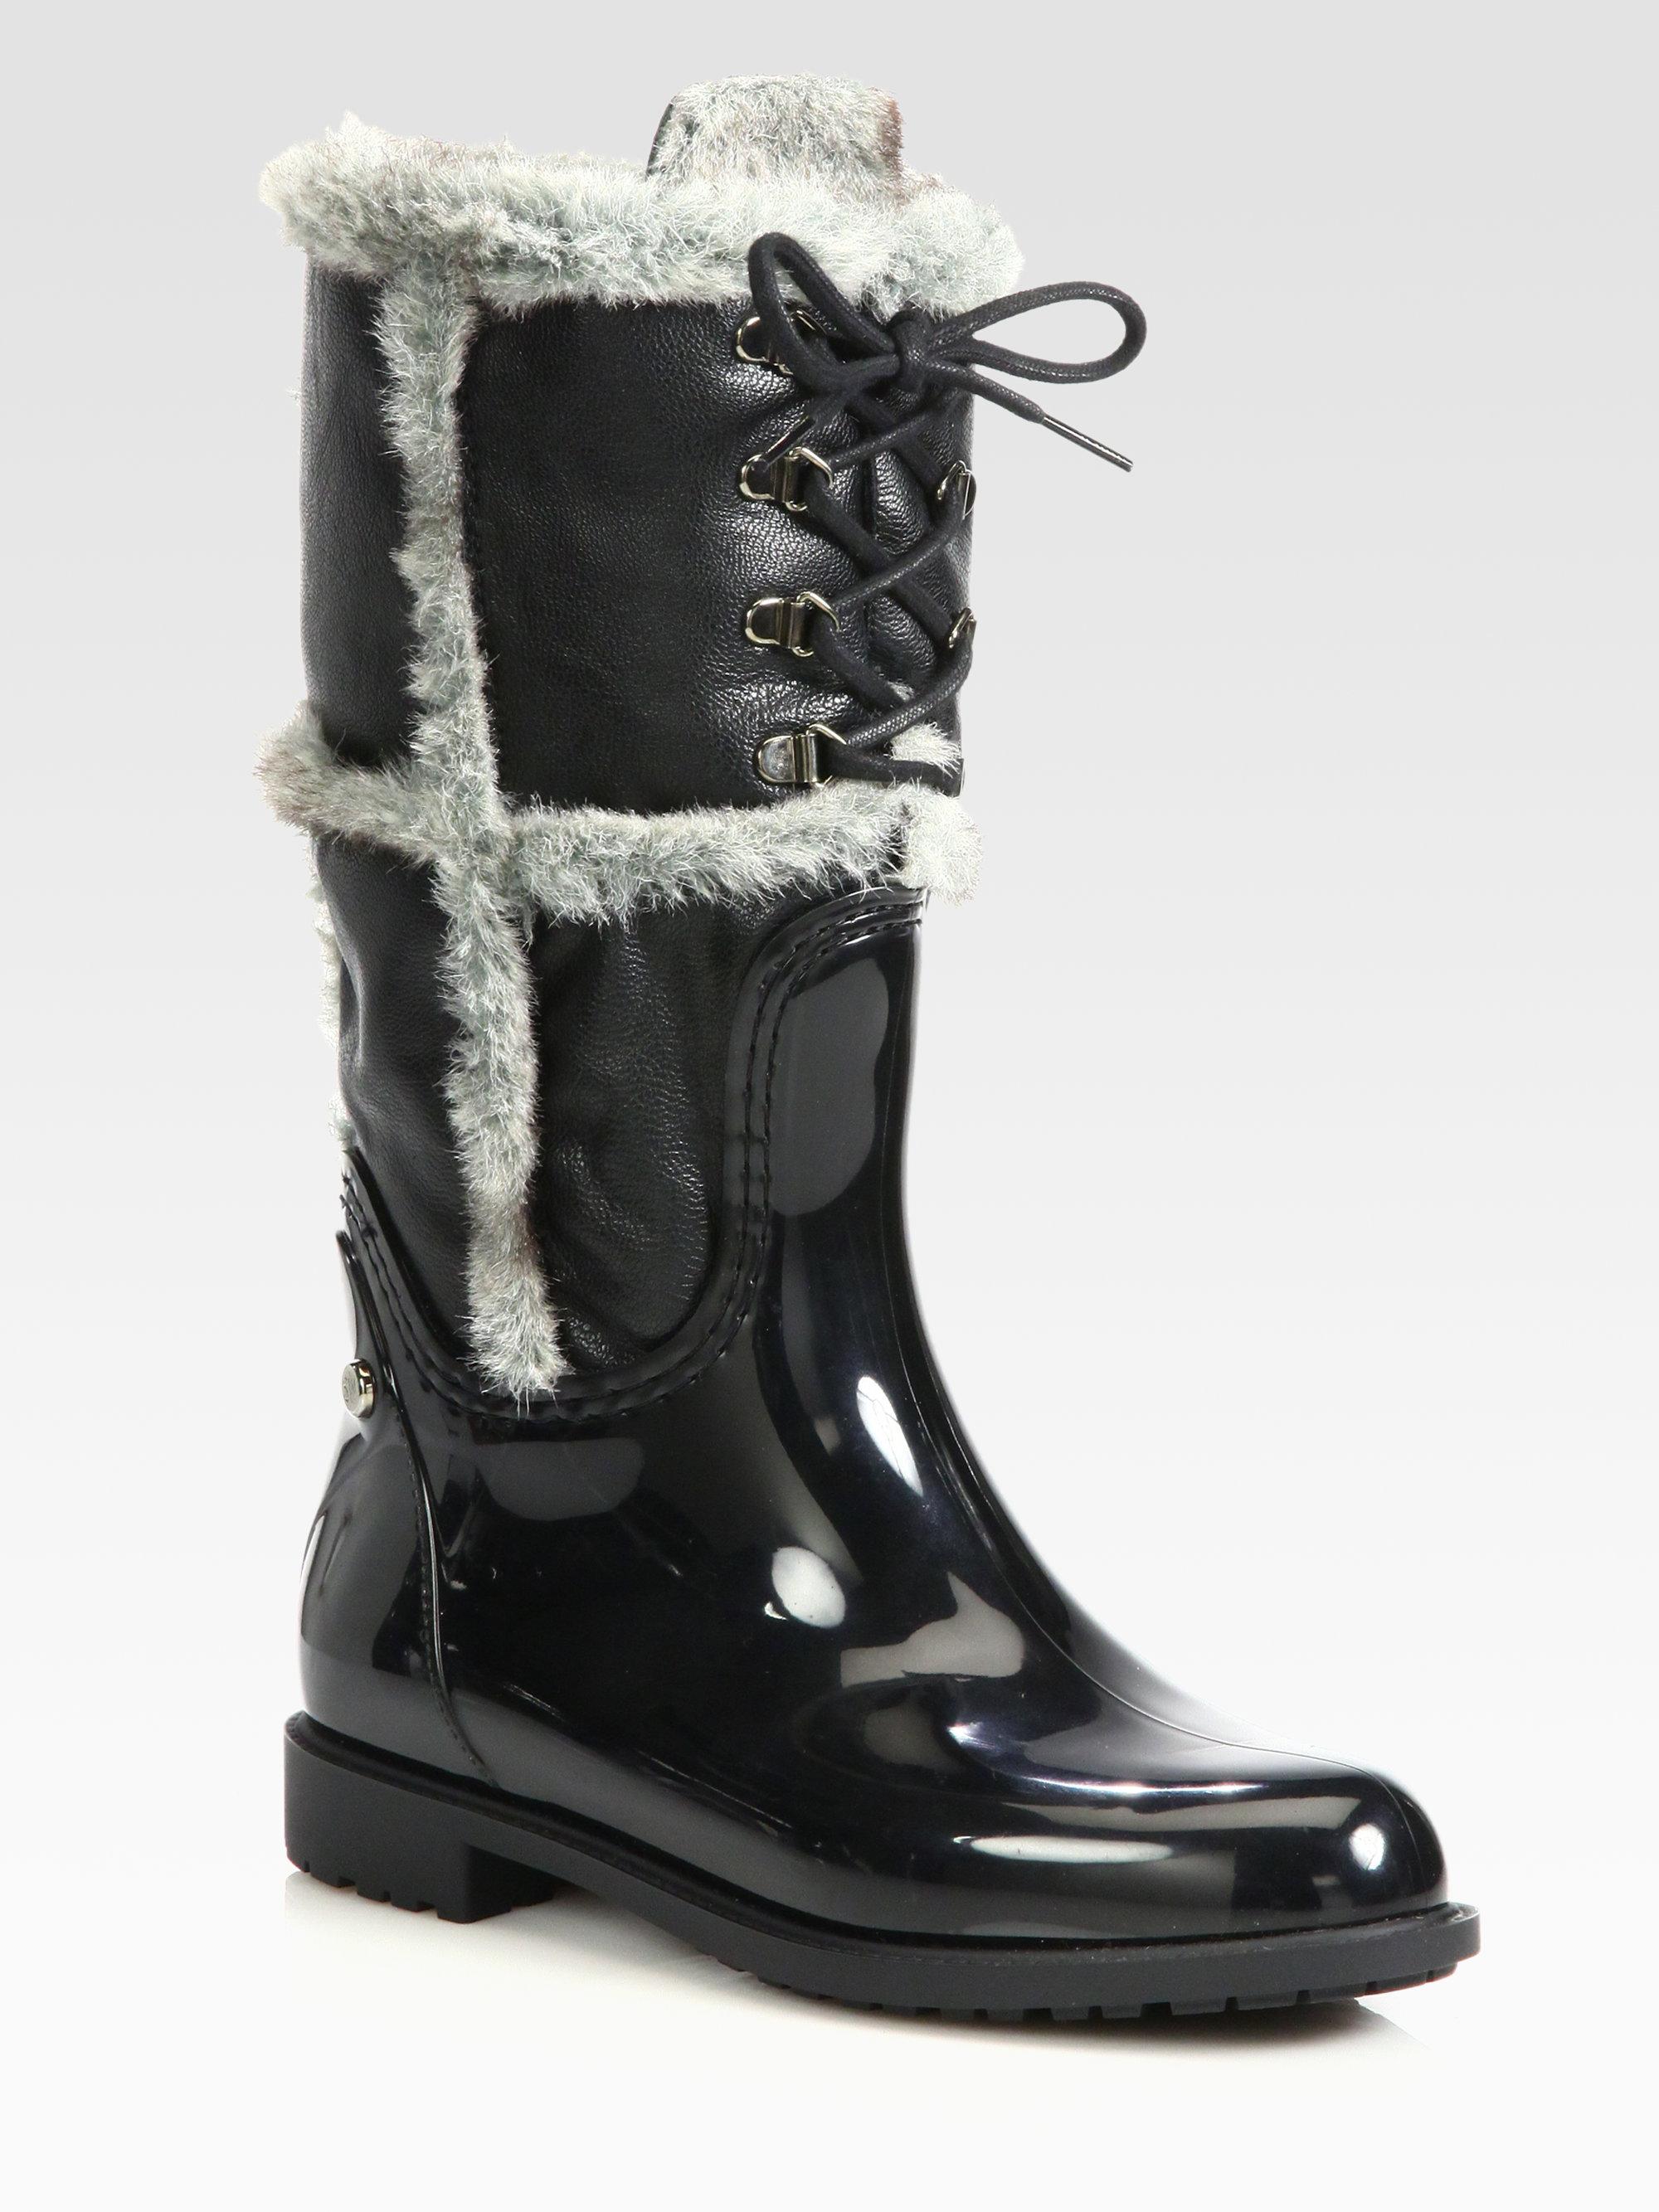 Stuart Weitzman Rebooting Fauxfur Trimmed Rain Boots In